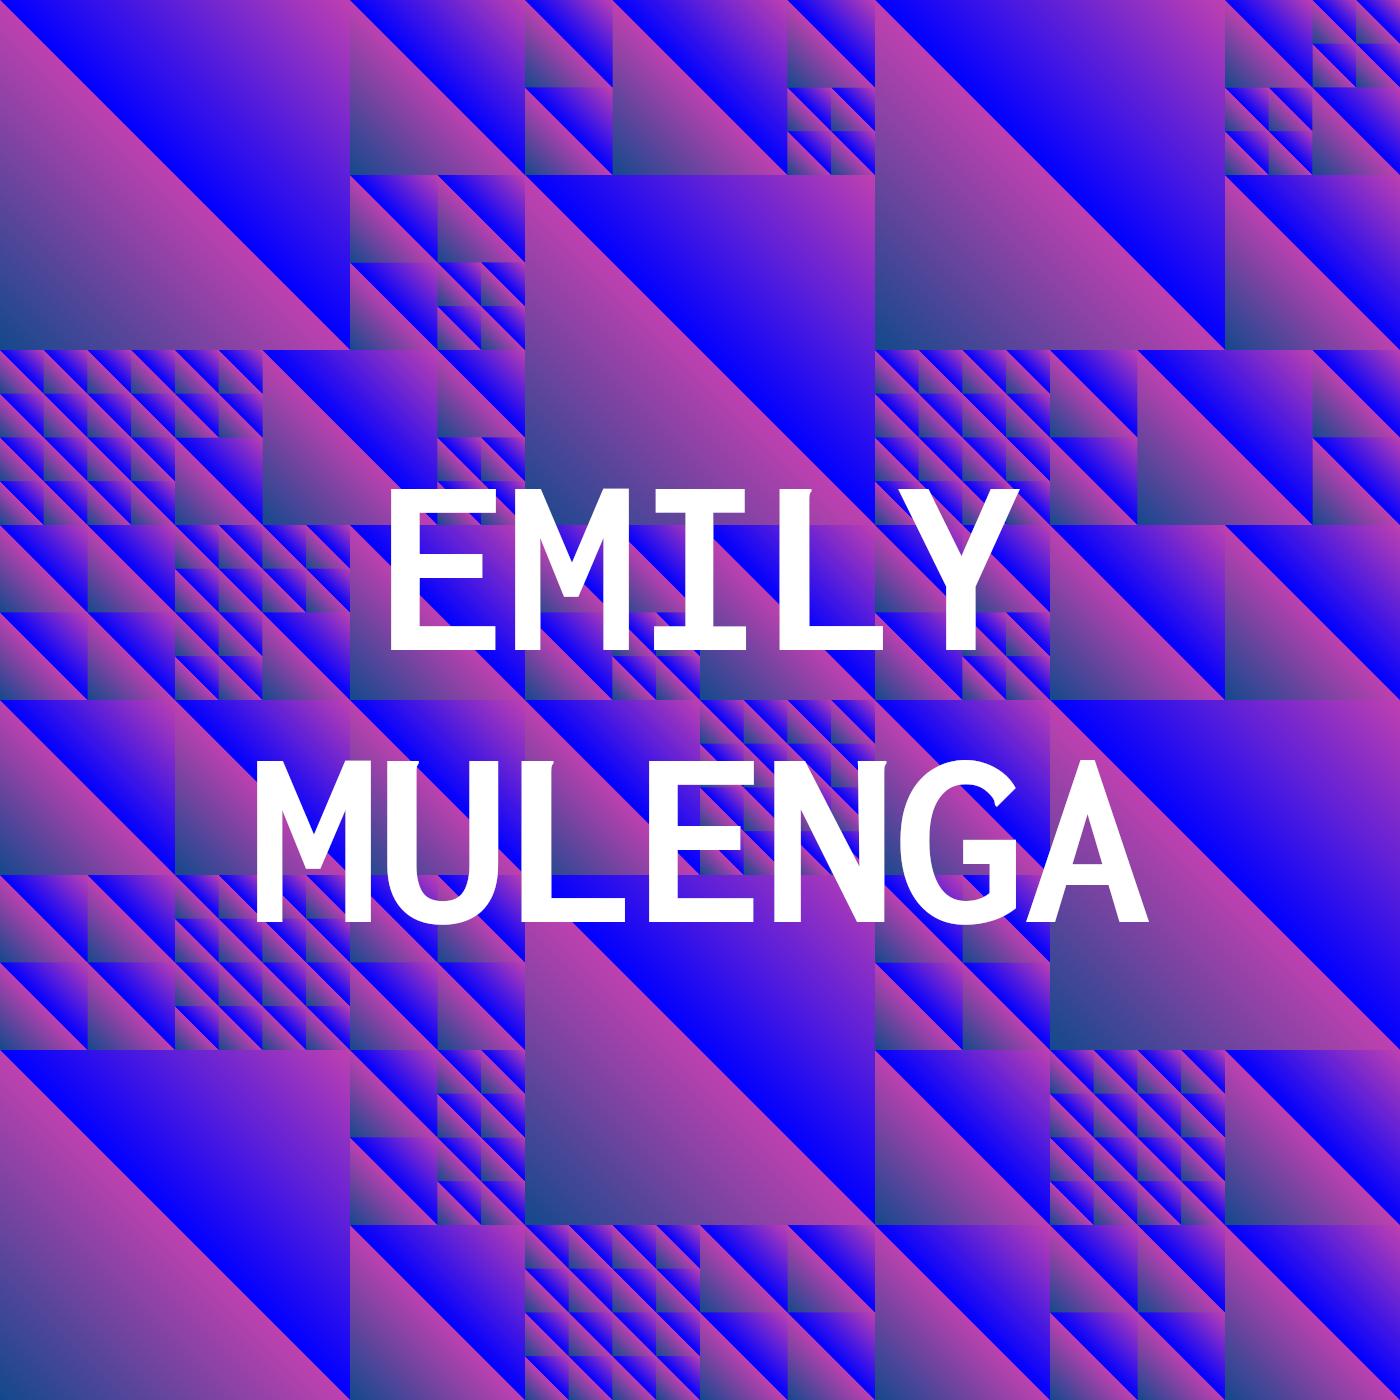 emily_mulenga